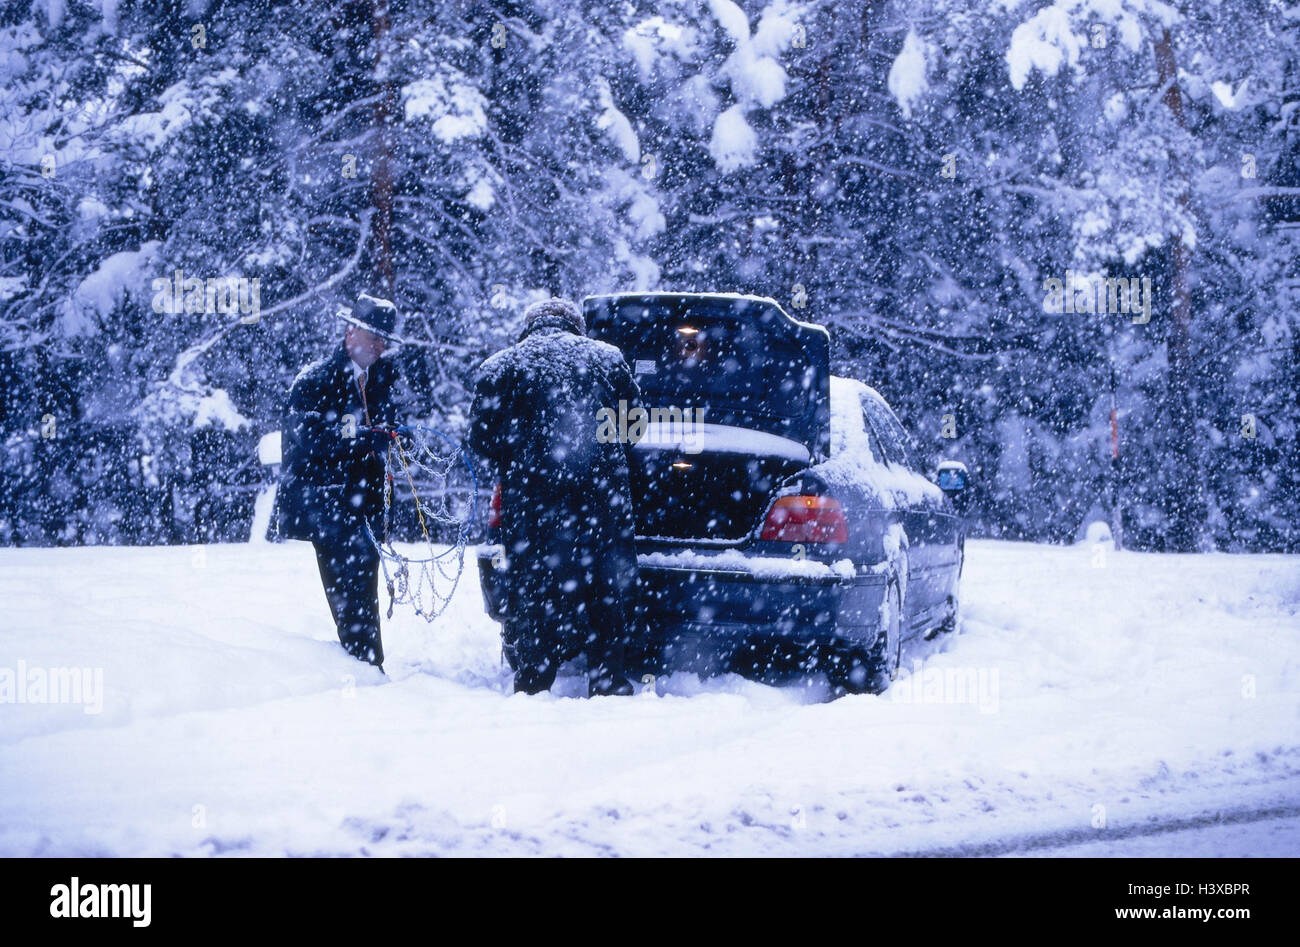 Schneefall, Auto, Straße, Männer, zwei, Anti-Rutsch-Ketten, bearbeiten! nur redaktionell! Winter, Straße, Stockbild